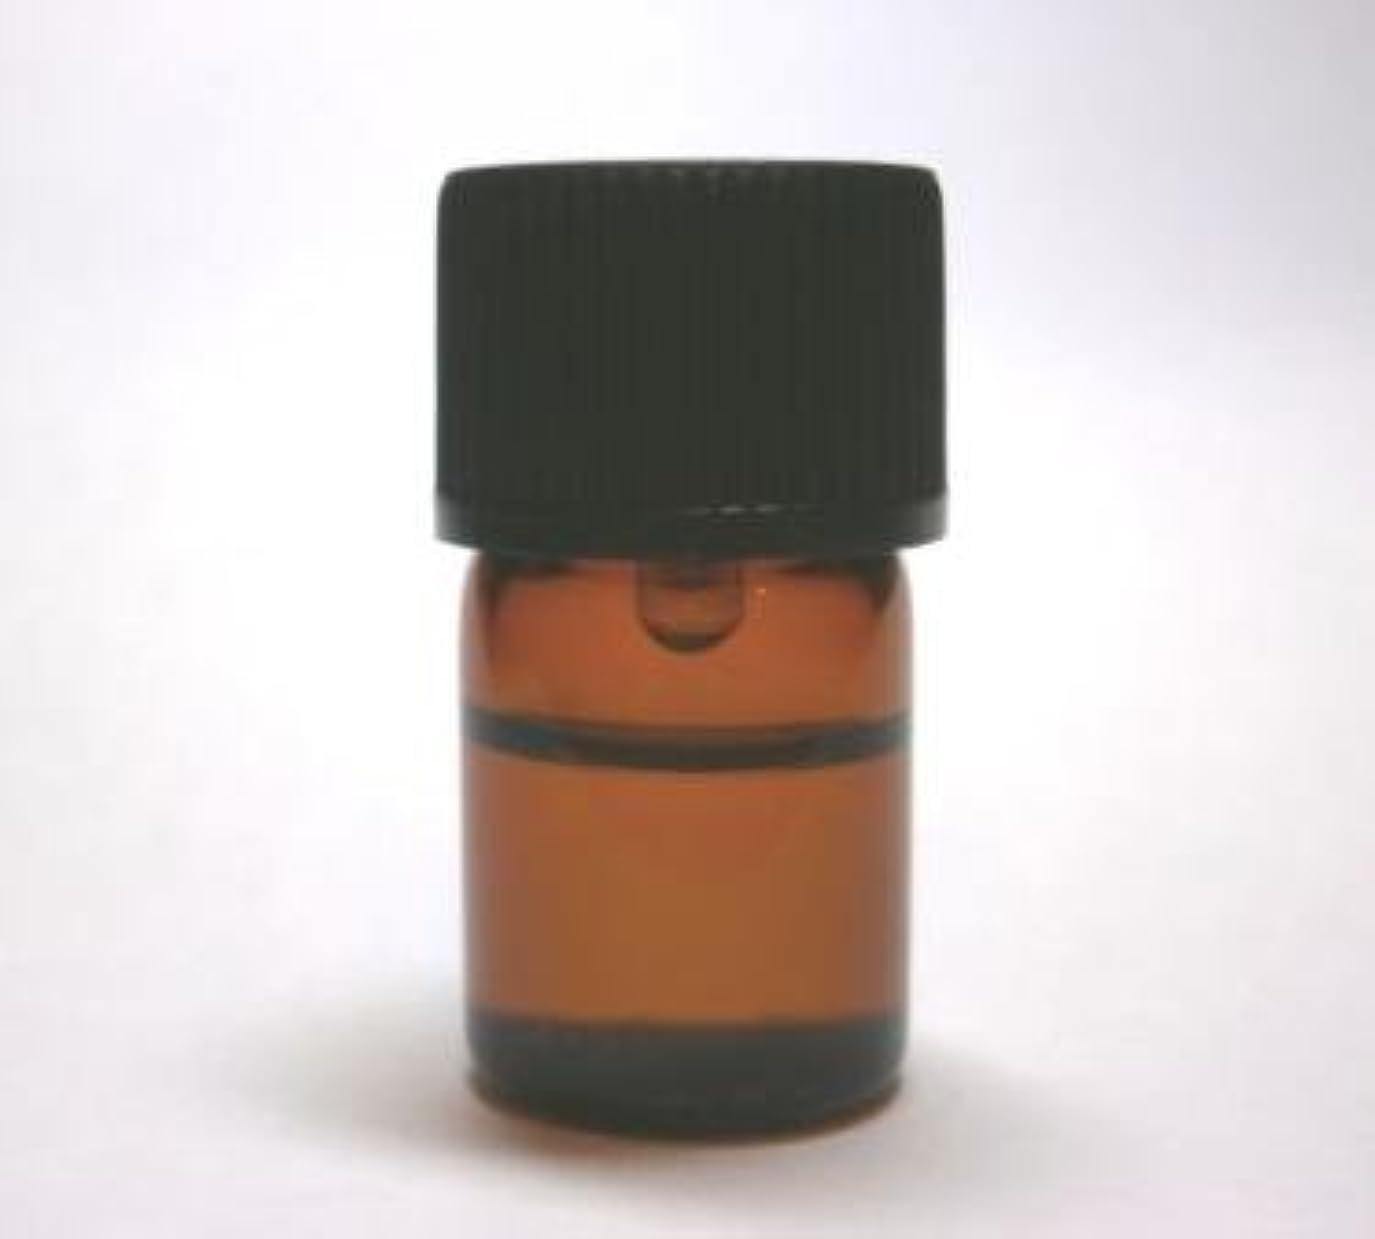 詩電圧精巧なローズabsアブソリュート100%:3ml /ローズエッセンシャルオイル/ローズ精油/ローズオイル